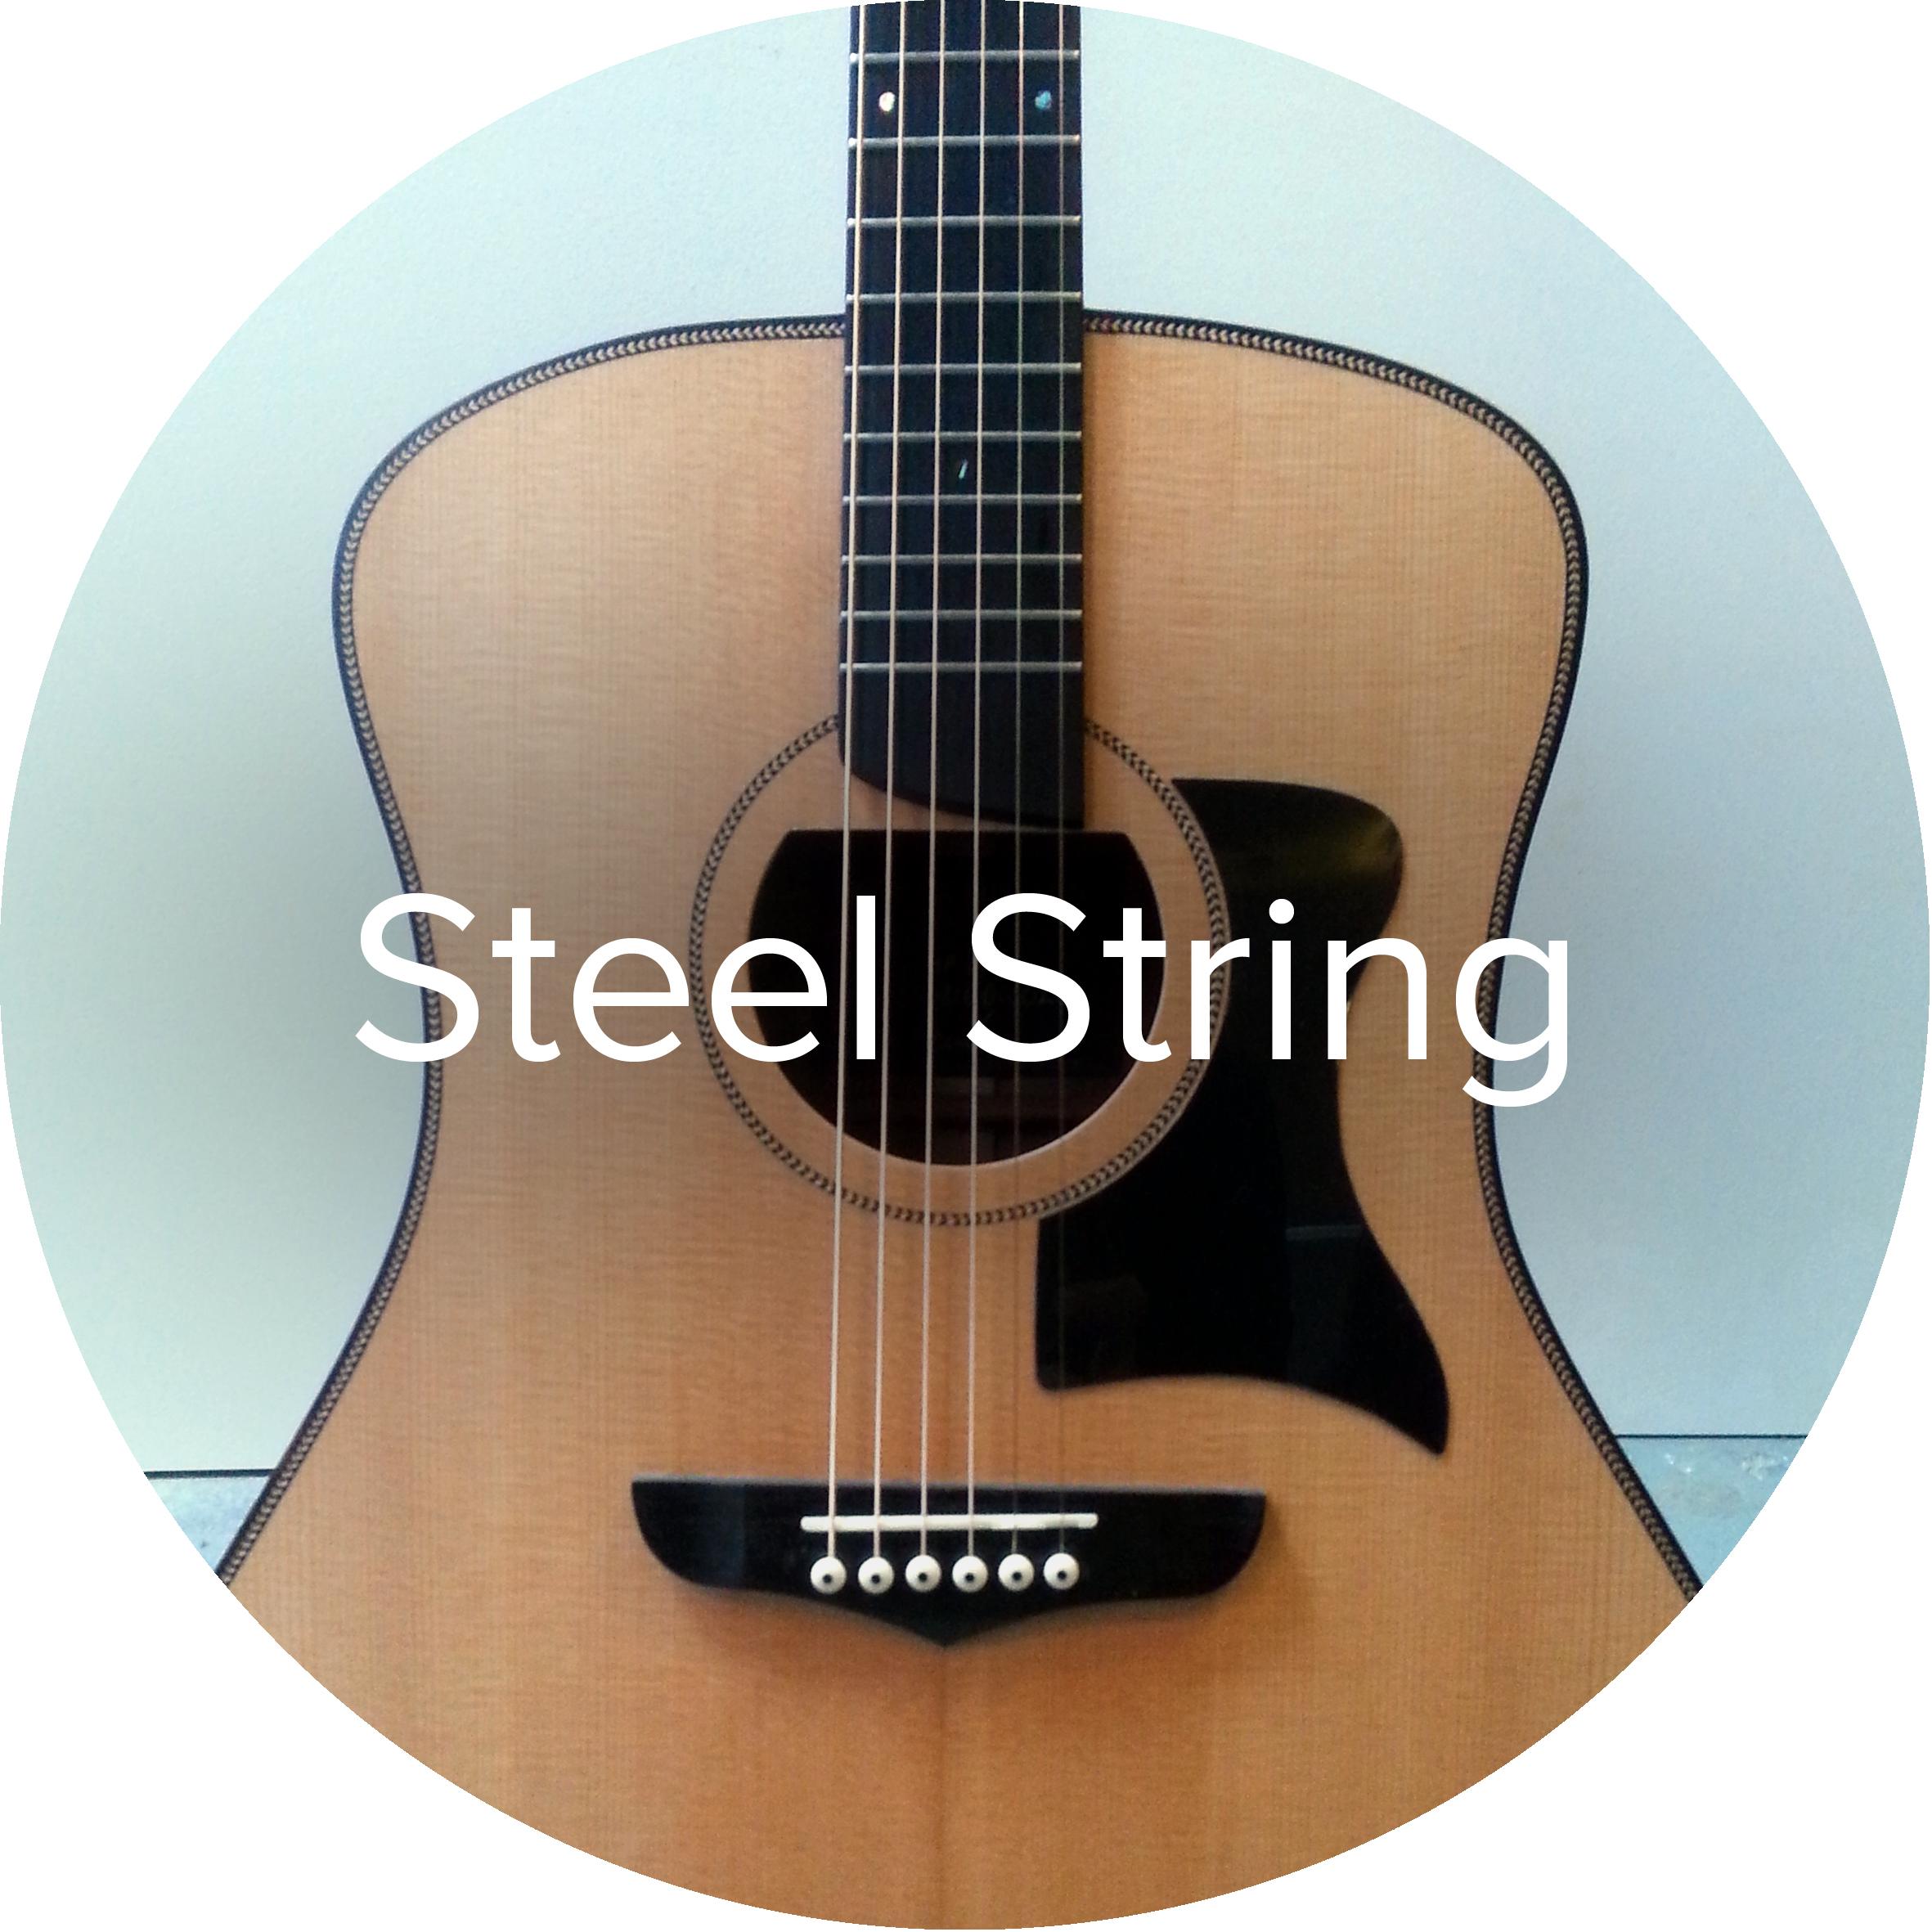 Goldbeard acoustic steel string guitar